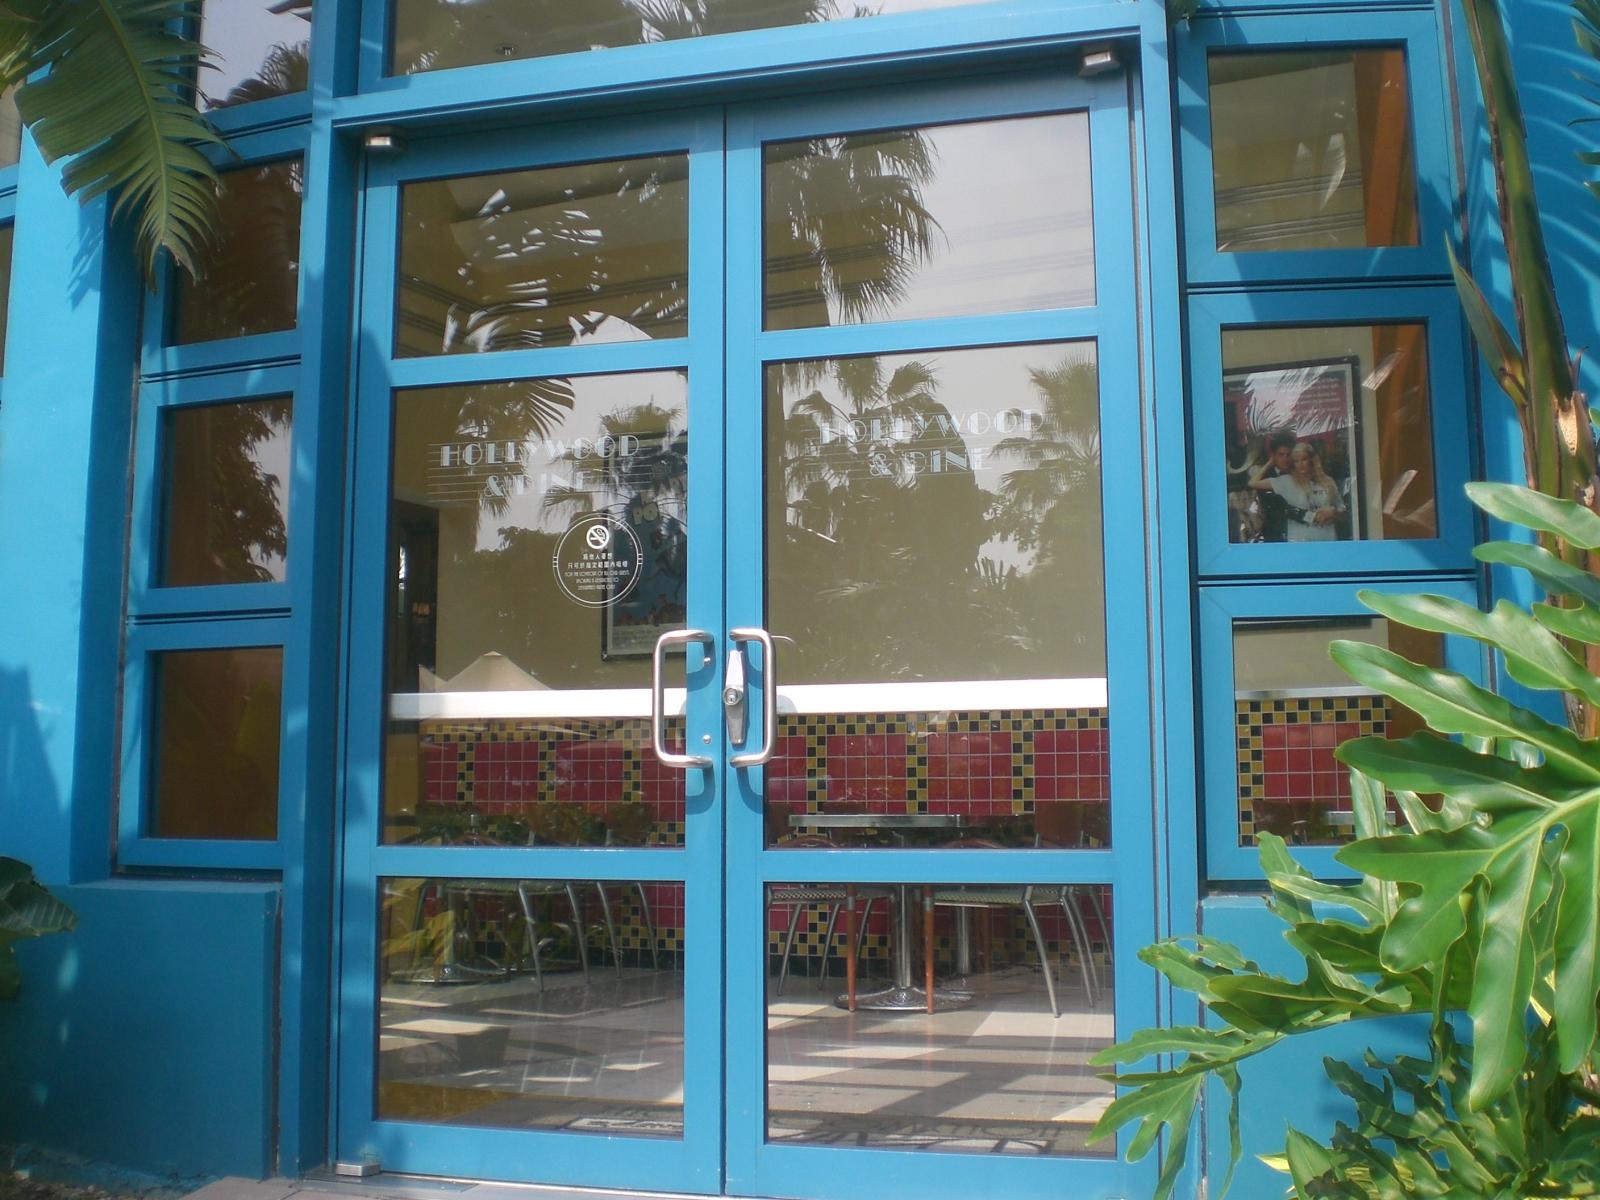 File:HK Disney\u0027s Hollywood Hotel Cafe sunshine glass door. & File:HK Disney\u0027s Hollywood Hotel Cafe sunshine glass door.JPG ... Pezcame.Com